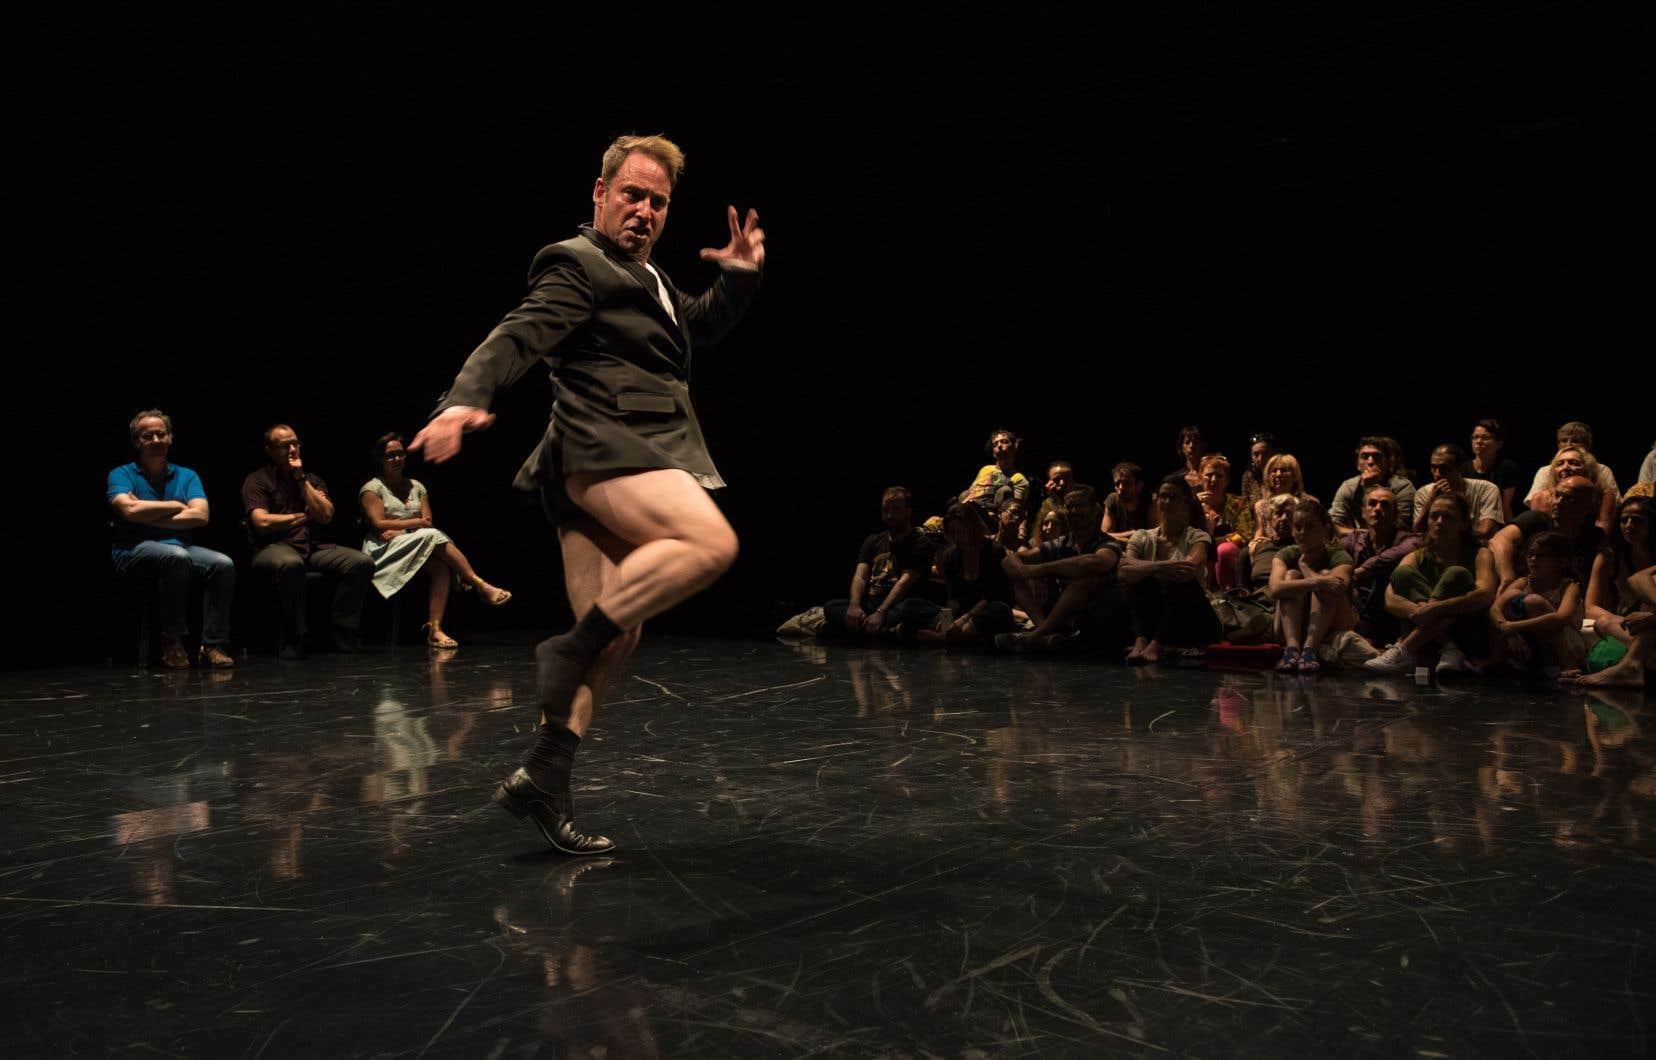 Le chorégraphe français Olivier Dubois dans la pièce «Pour sortir au jour»